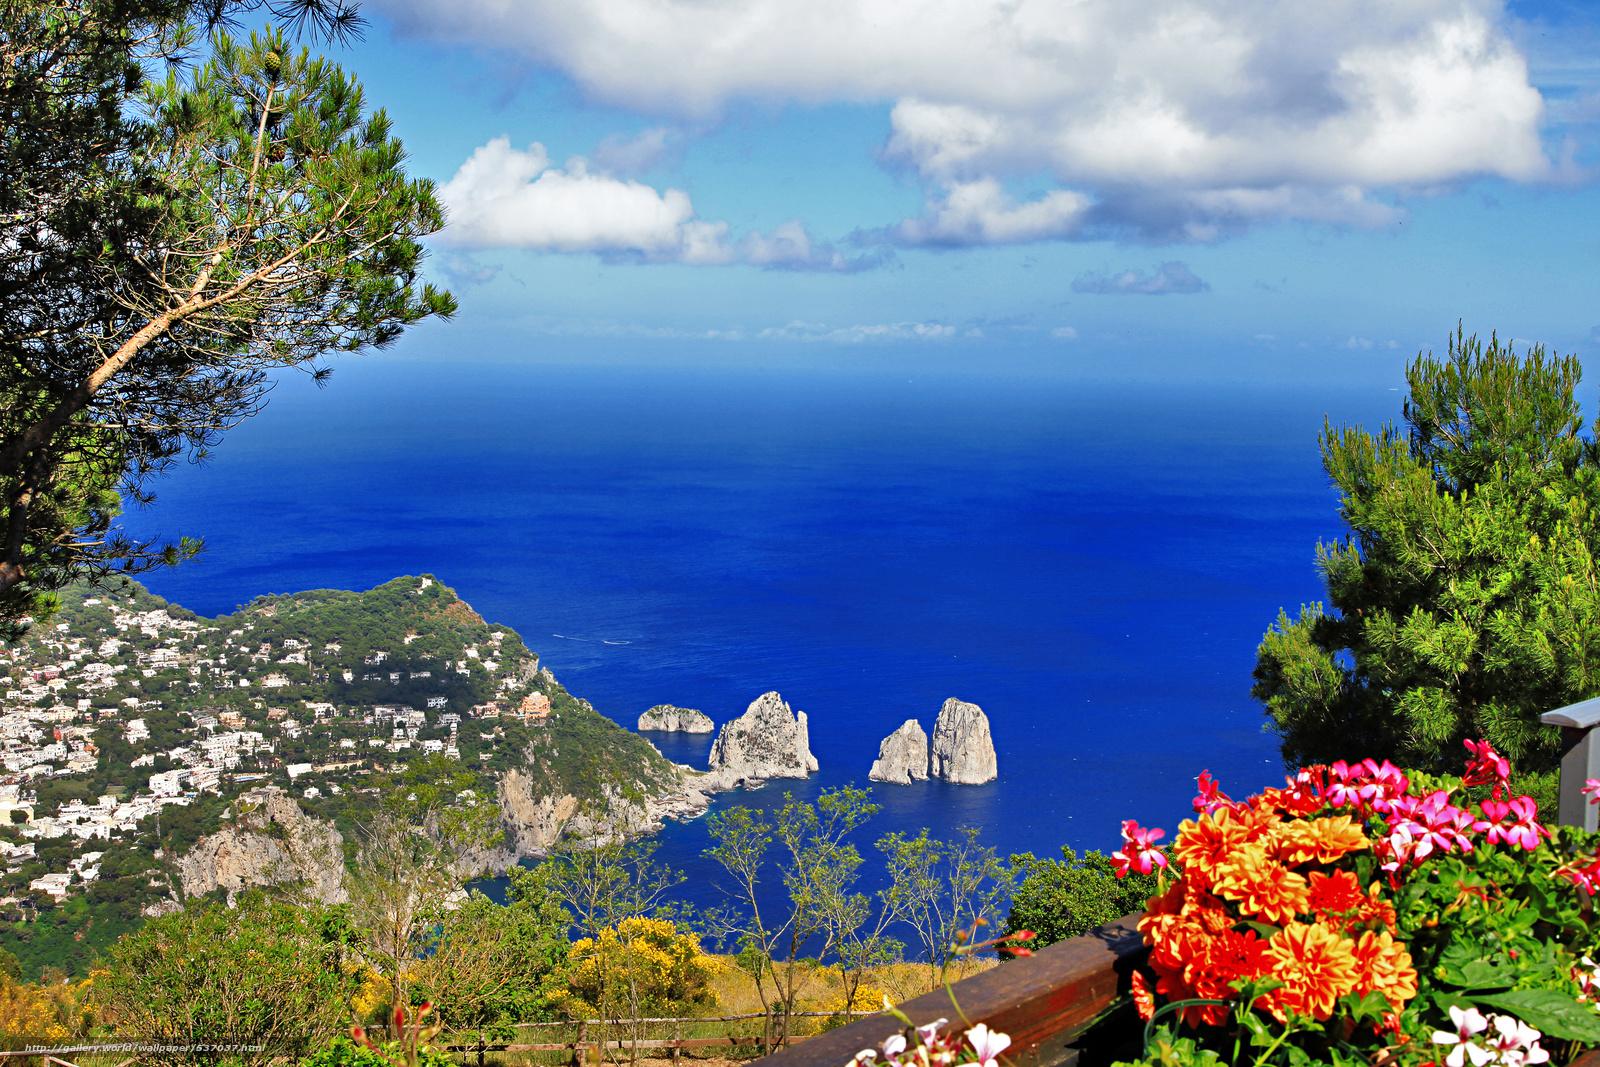 Scaricare Gli Sfondi Anacapri Capri Campania Napoli Sfondi Gratis